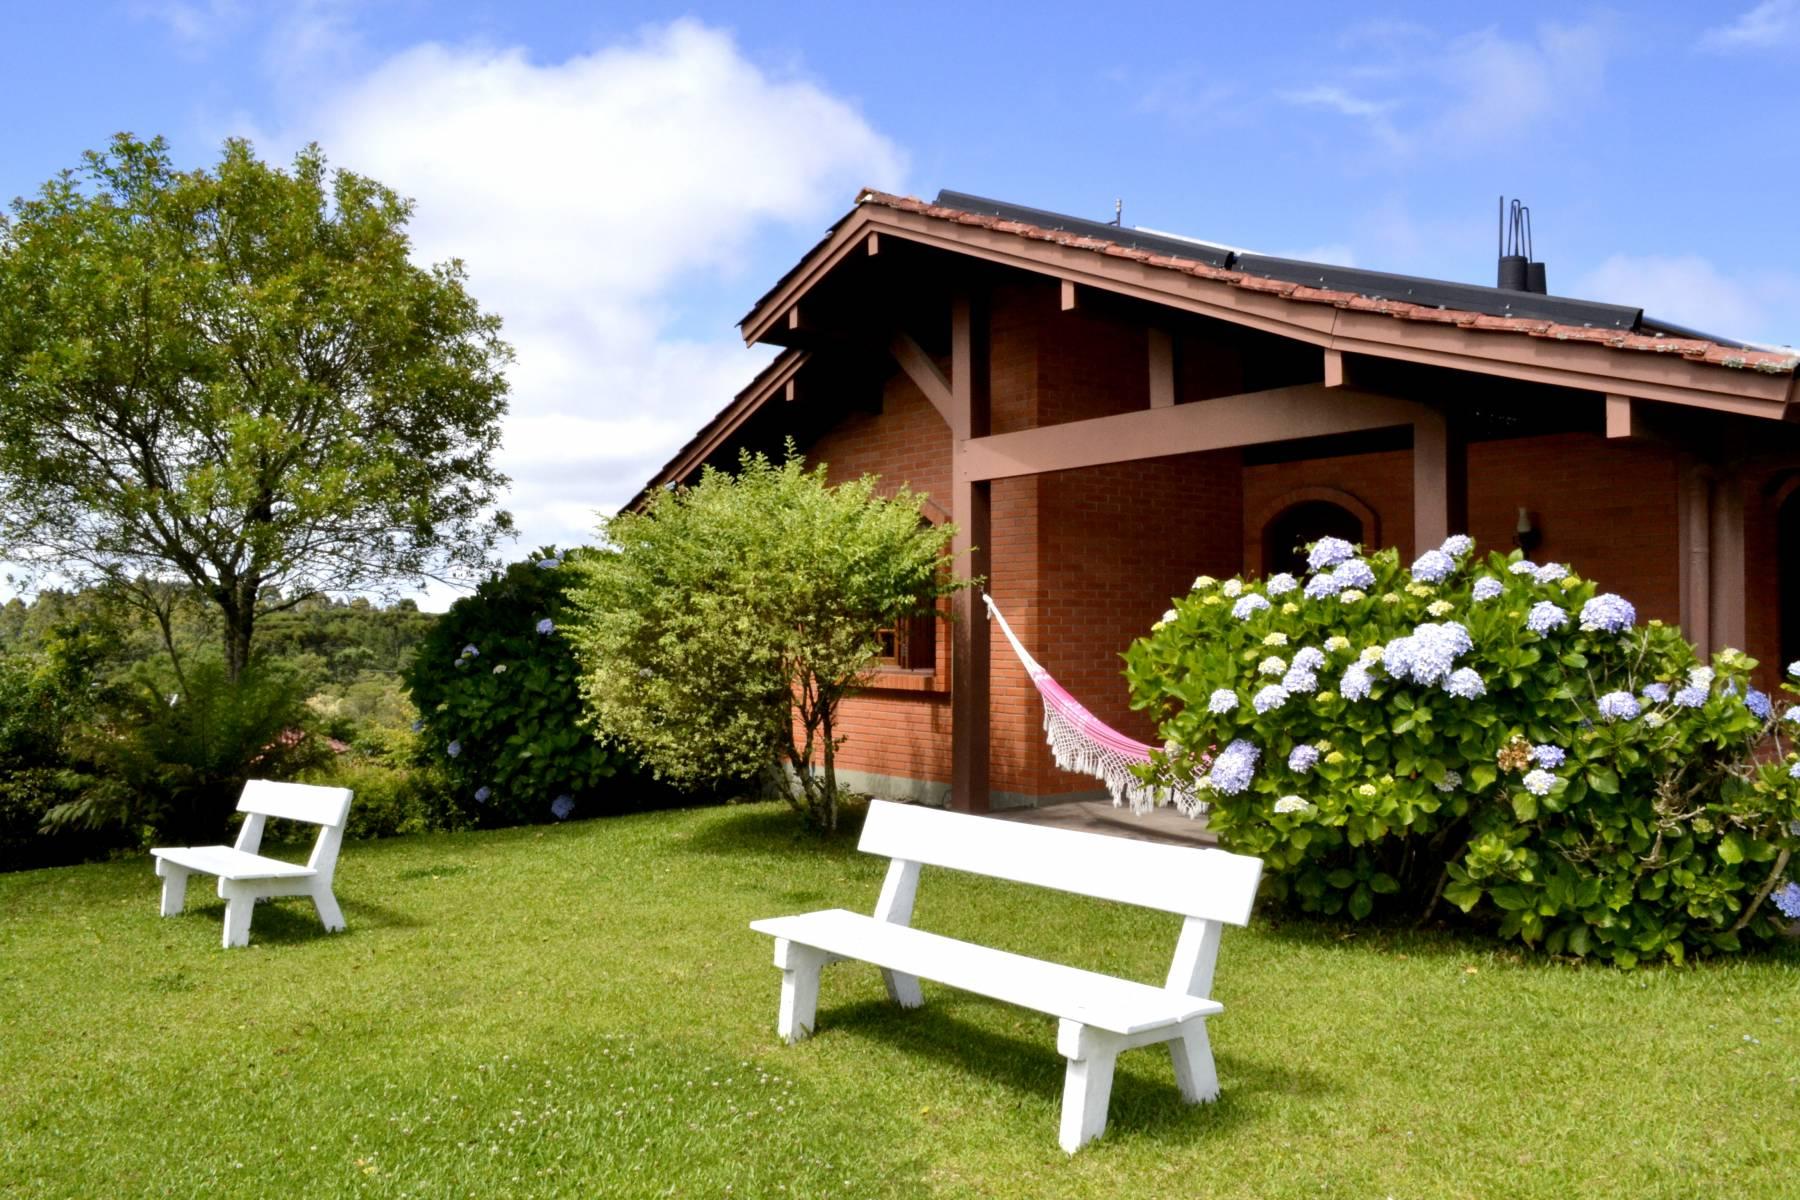 Bangalô Araucária - Acomodações do Hotel Bangalôs da Serra em Gramado #CurtaSuaFamilia #HotelSustentavel #TurismoVerde #TravelersChoice #EcoLider #Gramado #SerraGaucha